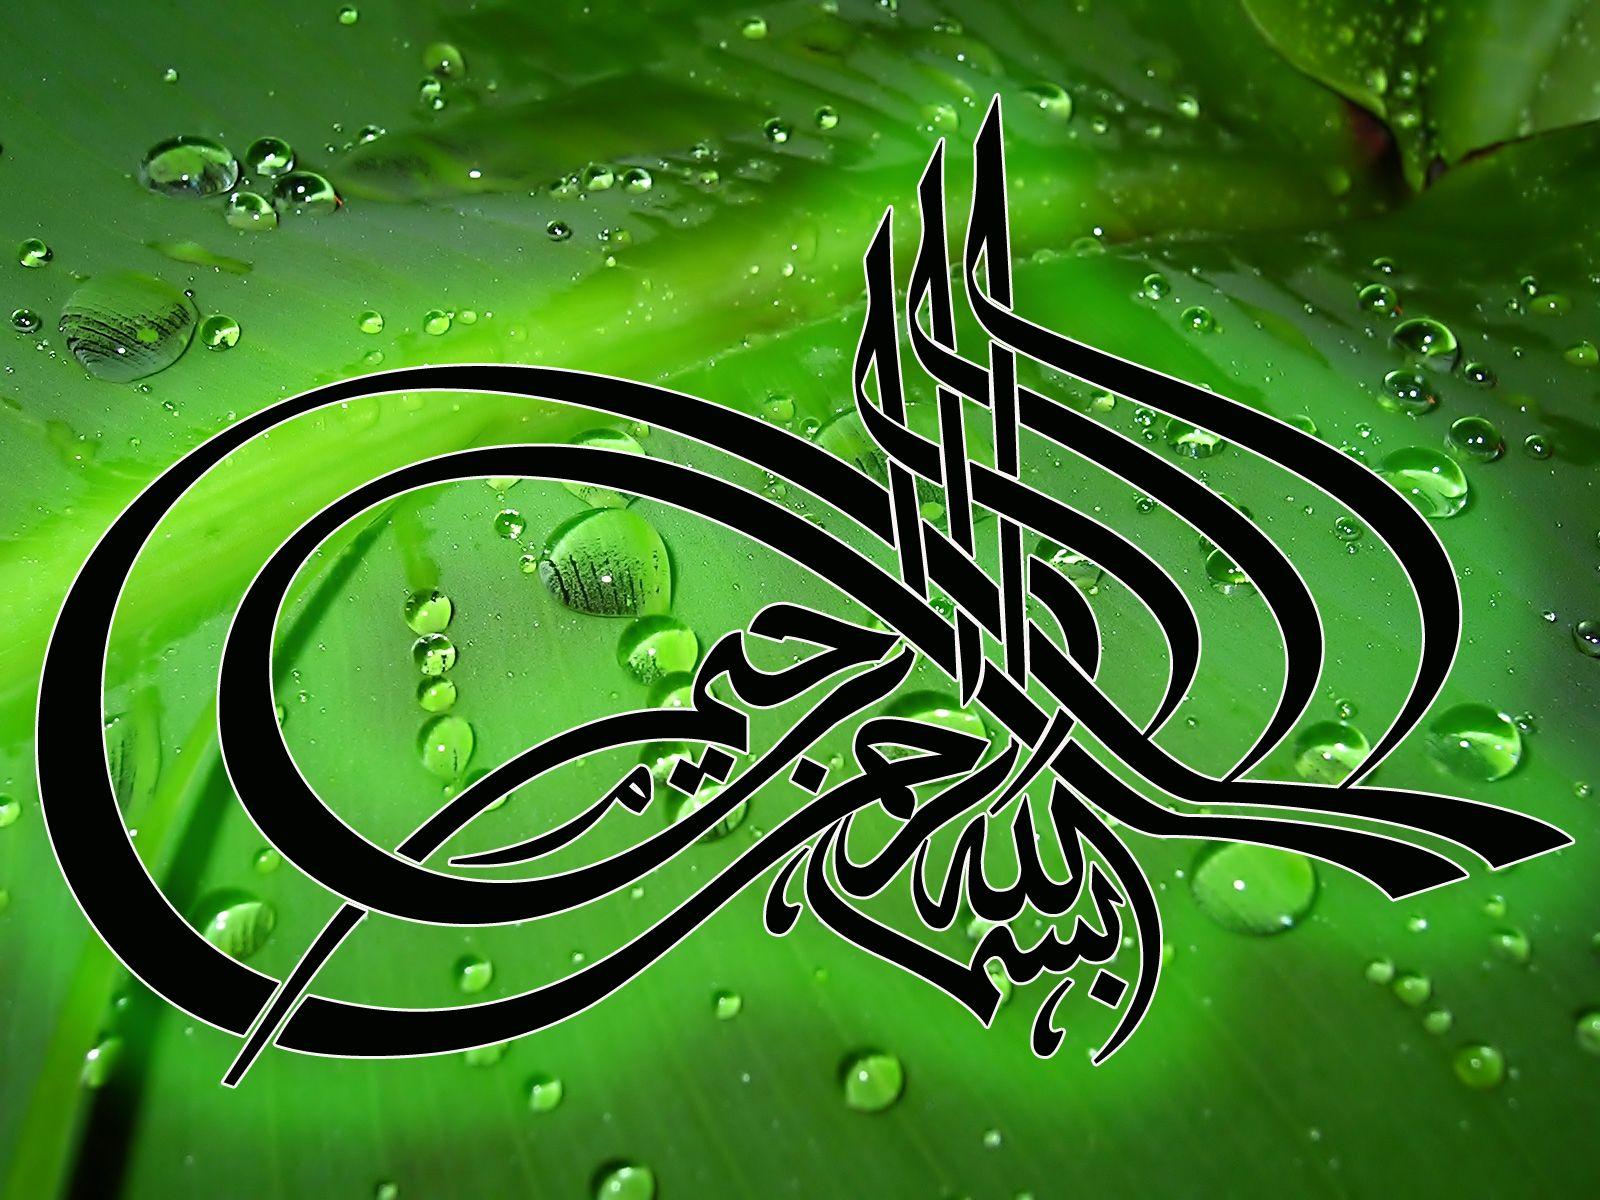 bismillah wallpapers: download free bismillah wallpaper hd for your